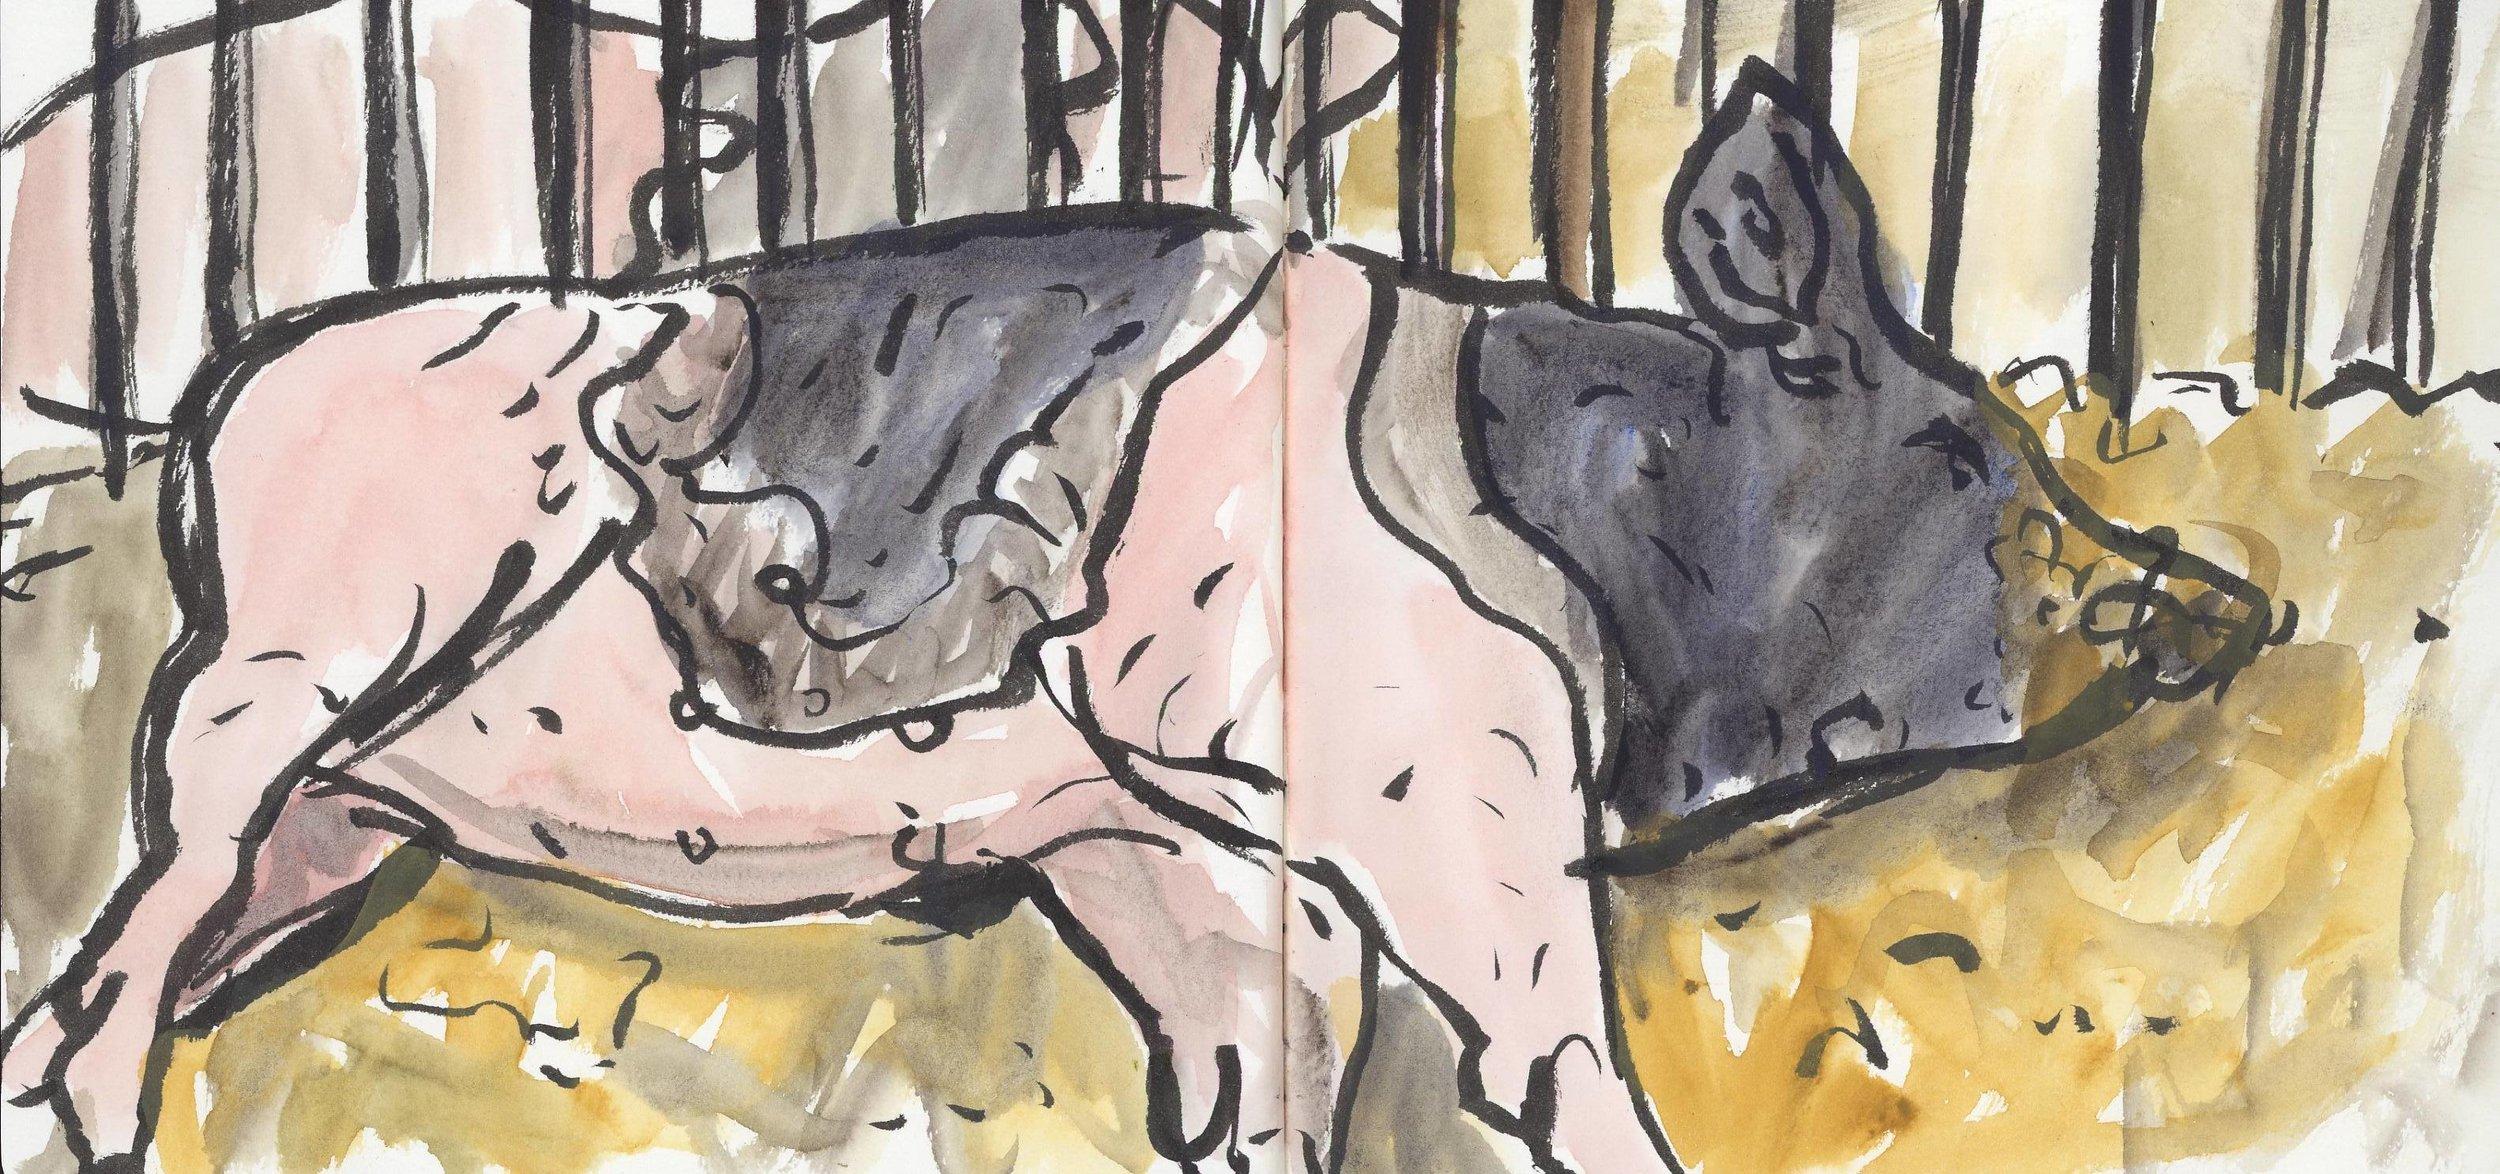 sketch_pig_in_sty_300dpi.jpg